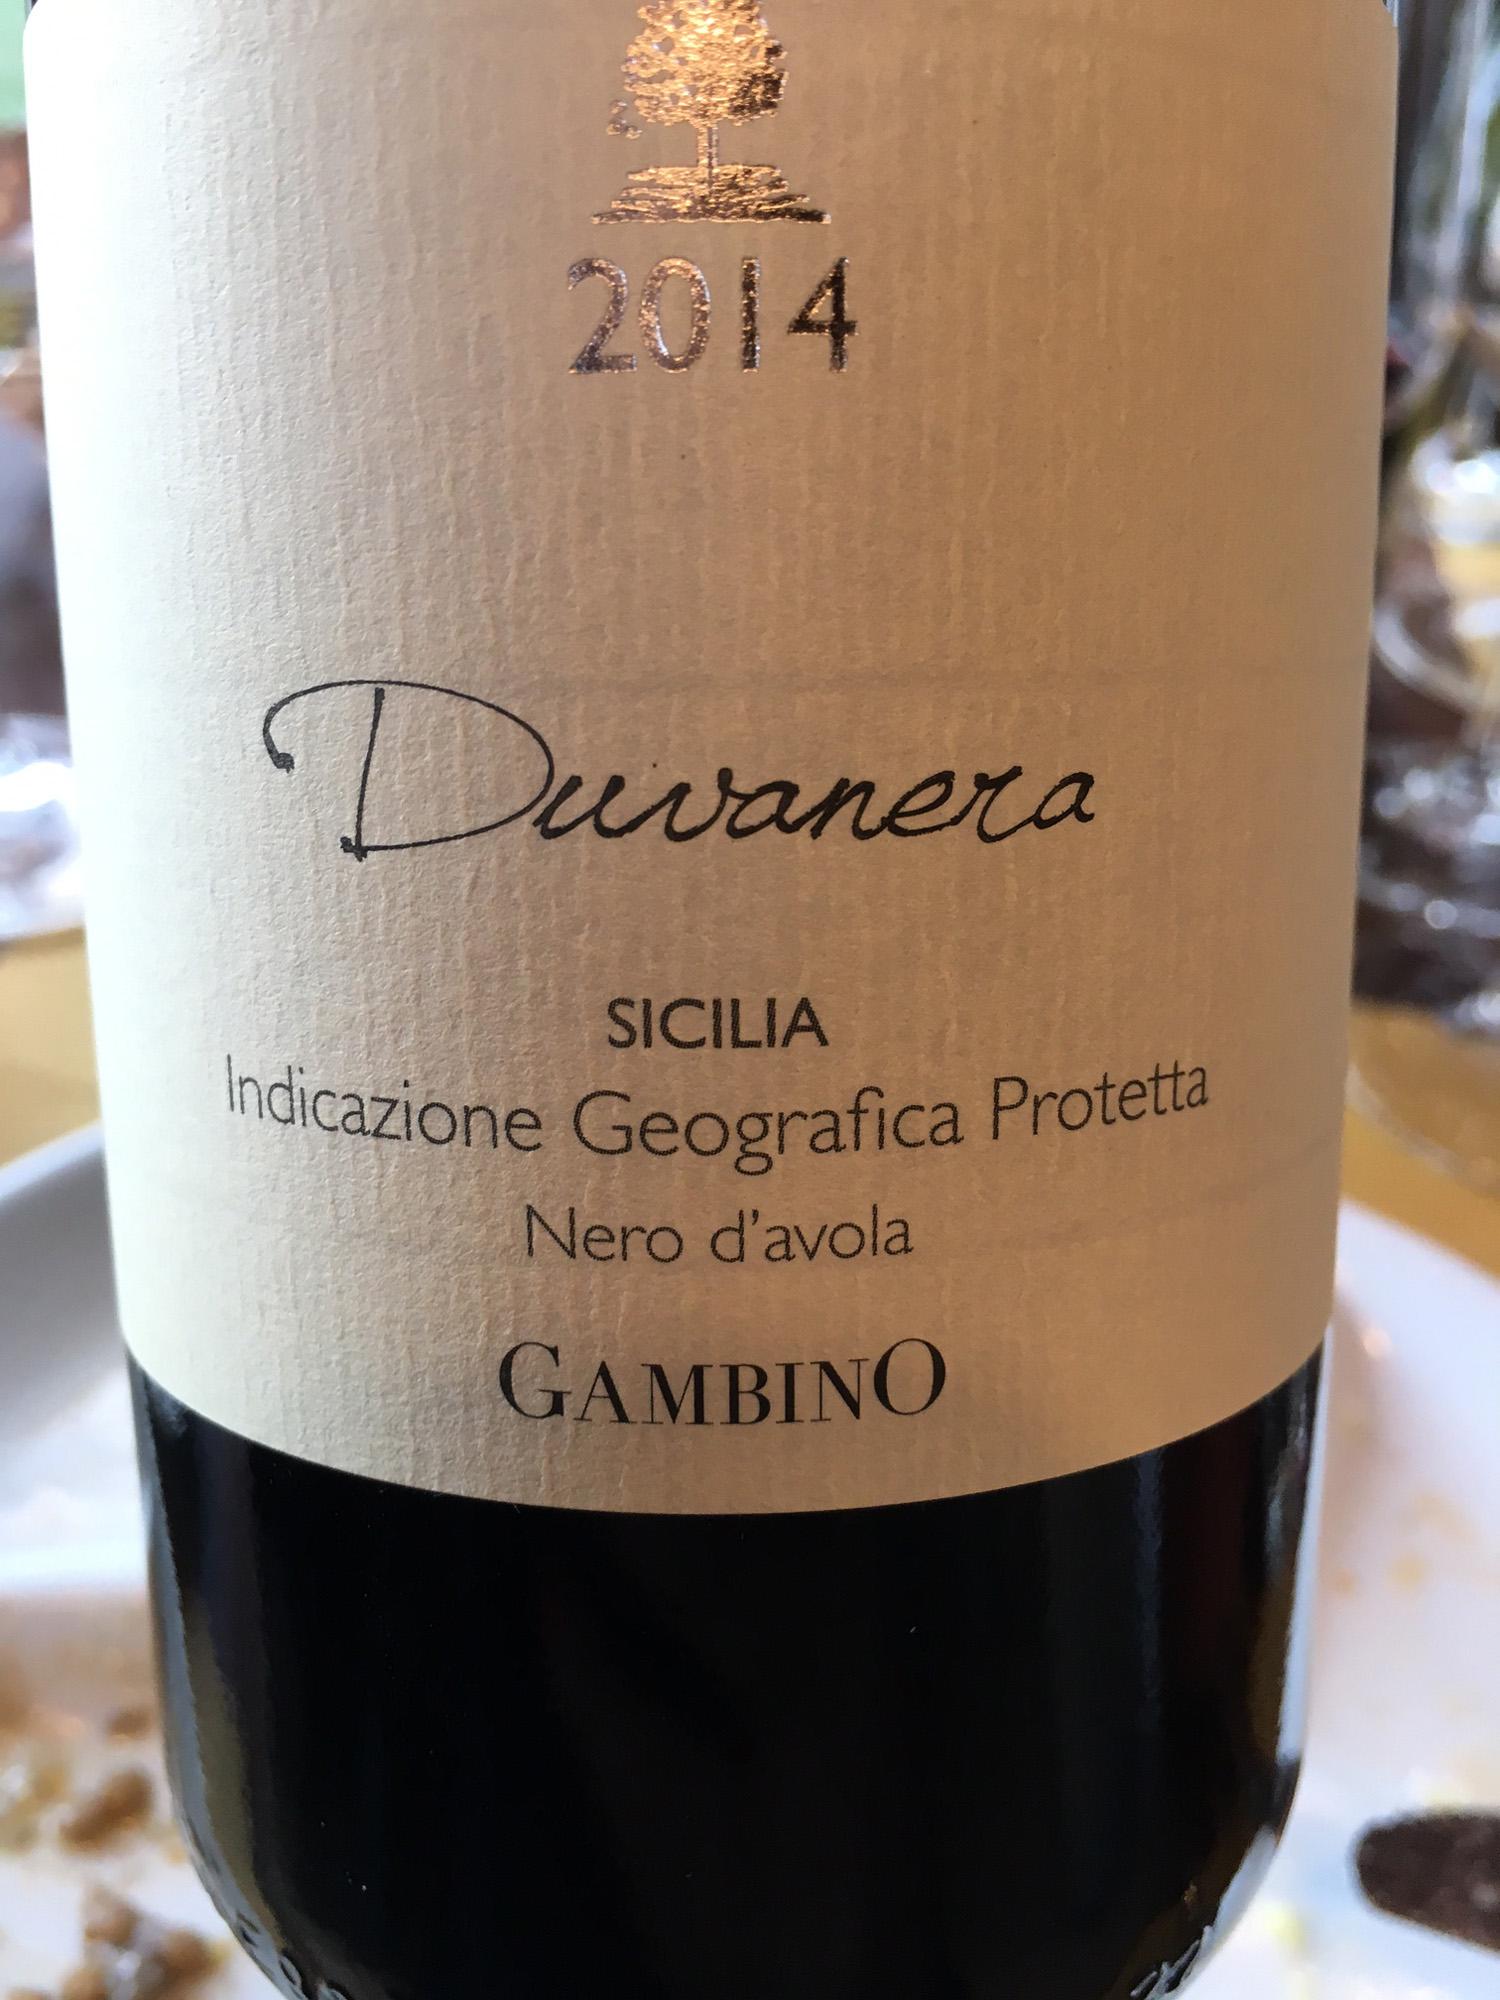 Wine tasting at Gambino Winery